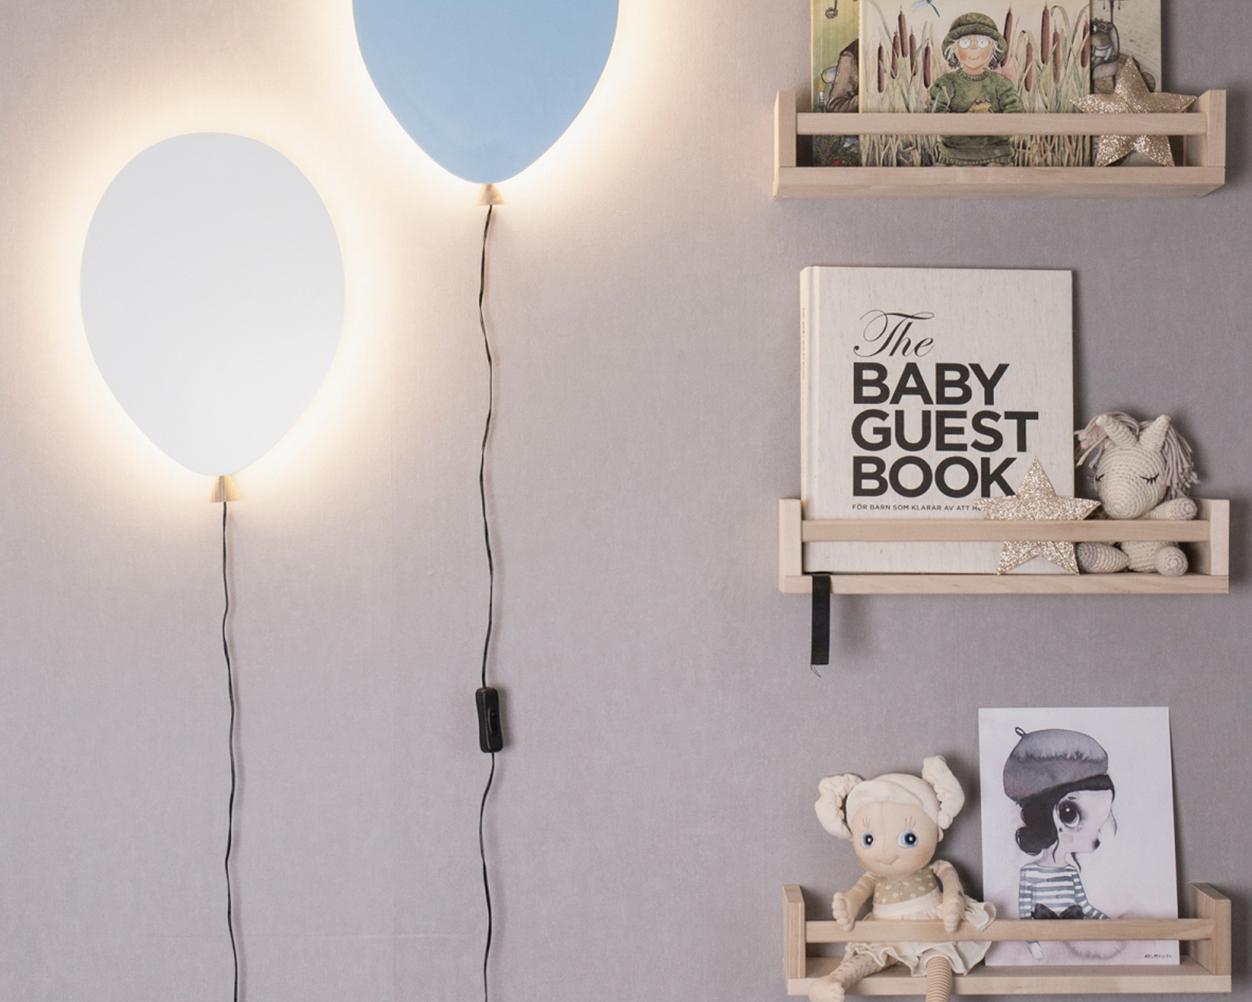 Lămpi cu fixare pe perete - corpuri de iluminat, amenajări interioare